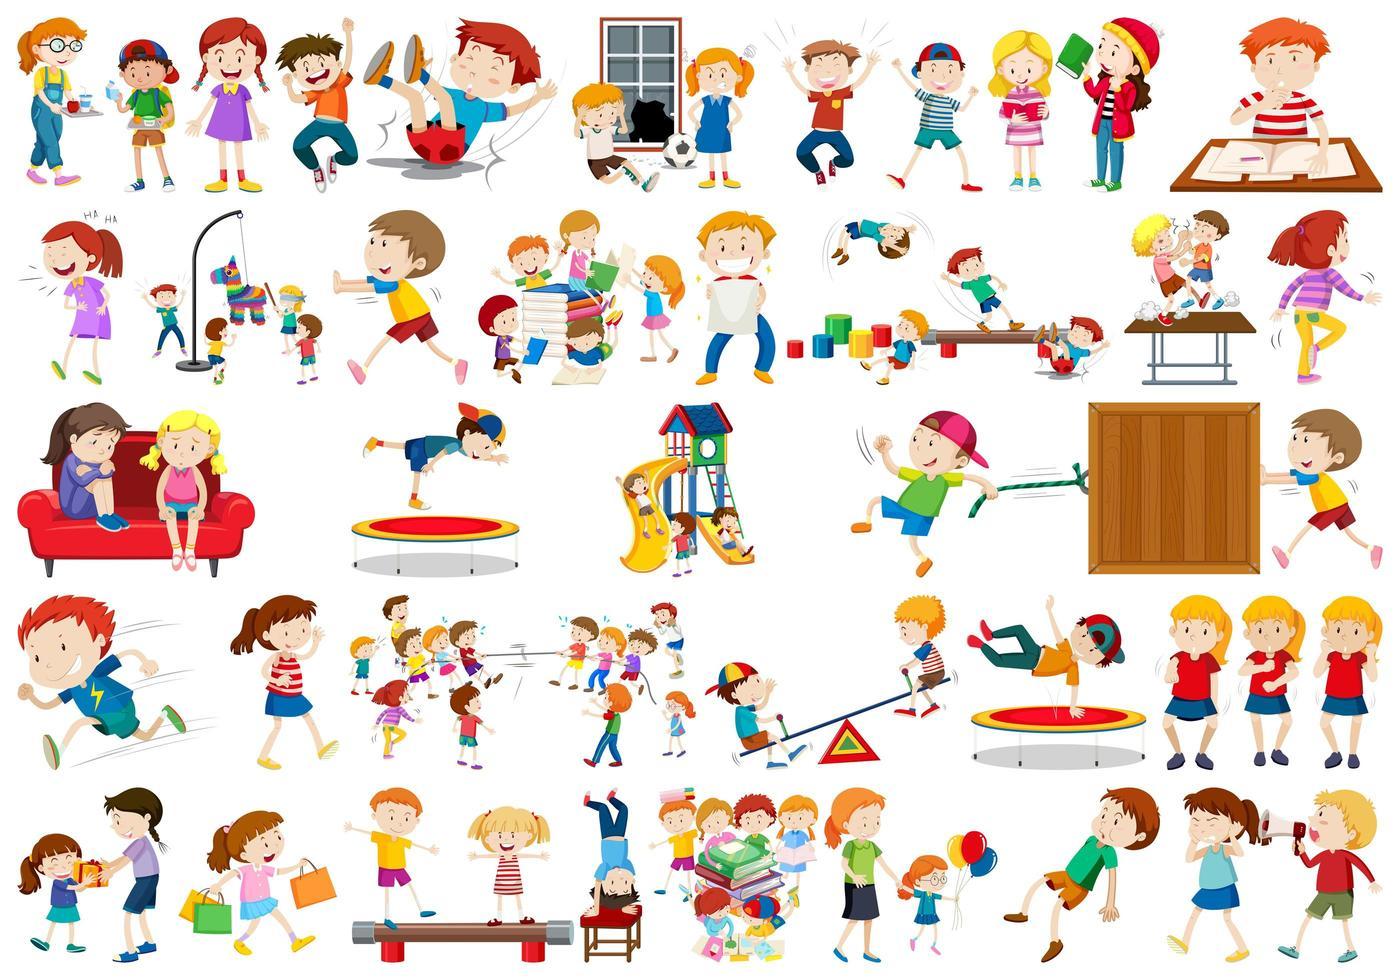 grand ensemble d'enfants de dessins animés différents vecteur